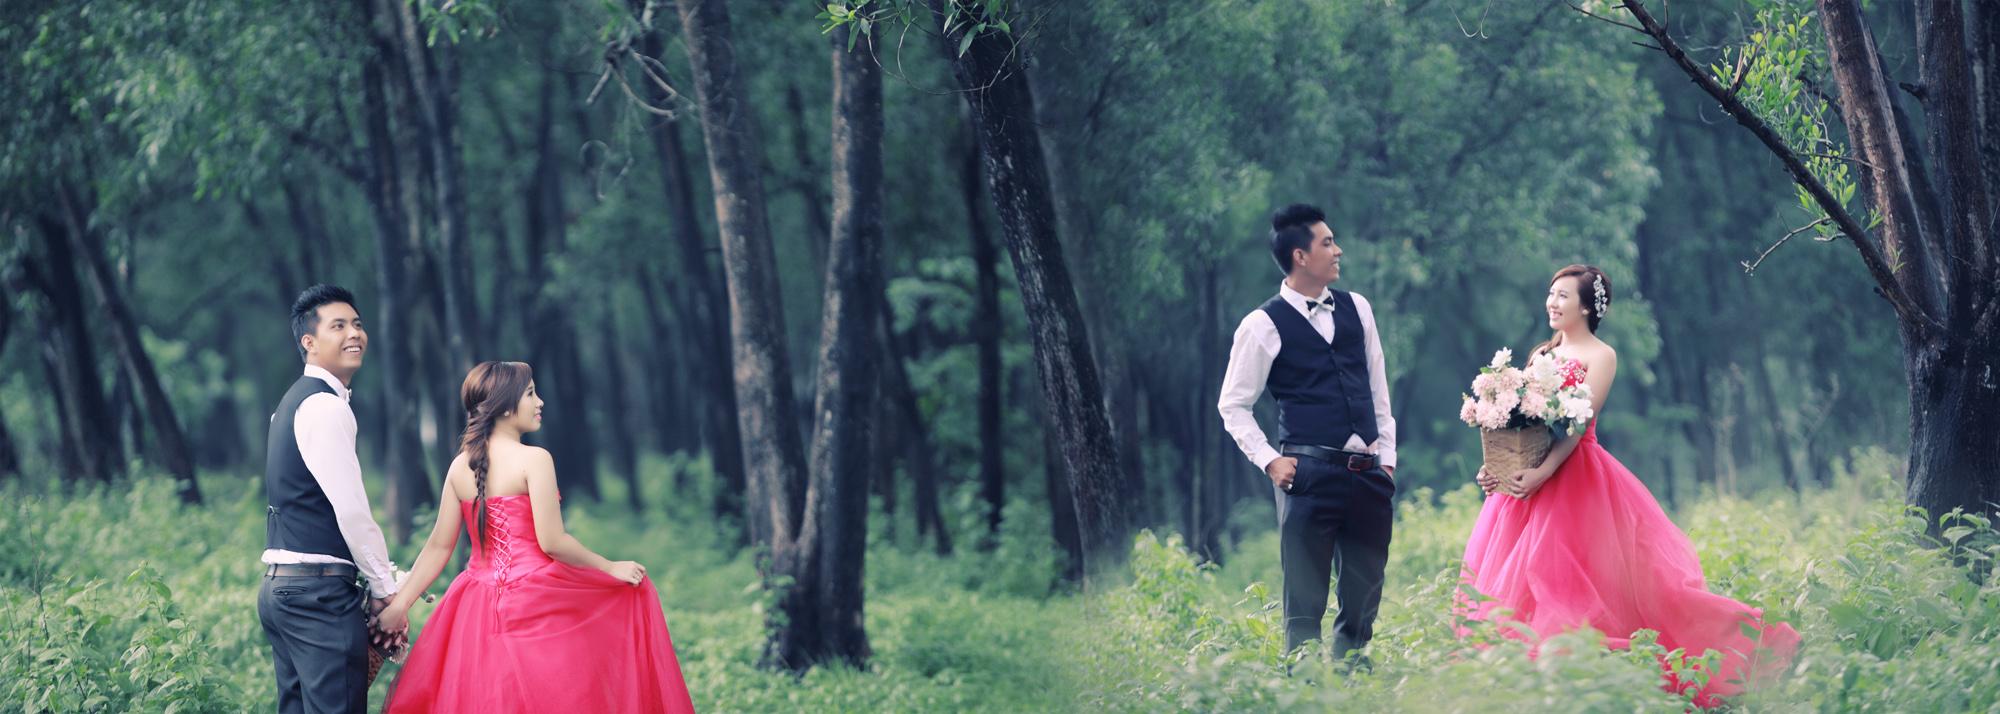 Album chụp hình cưới Quang và Thủy 9